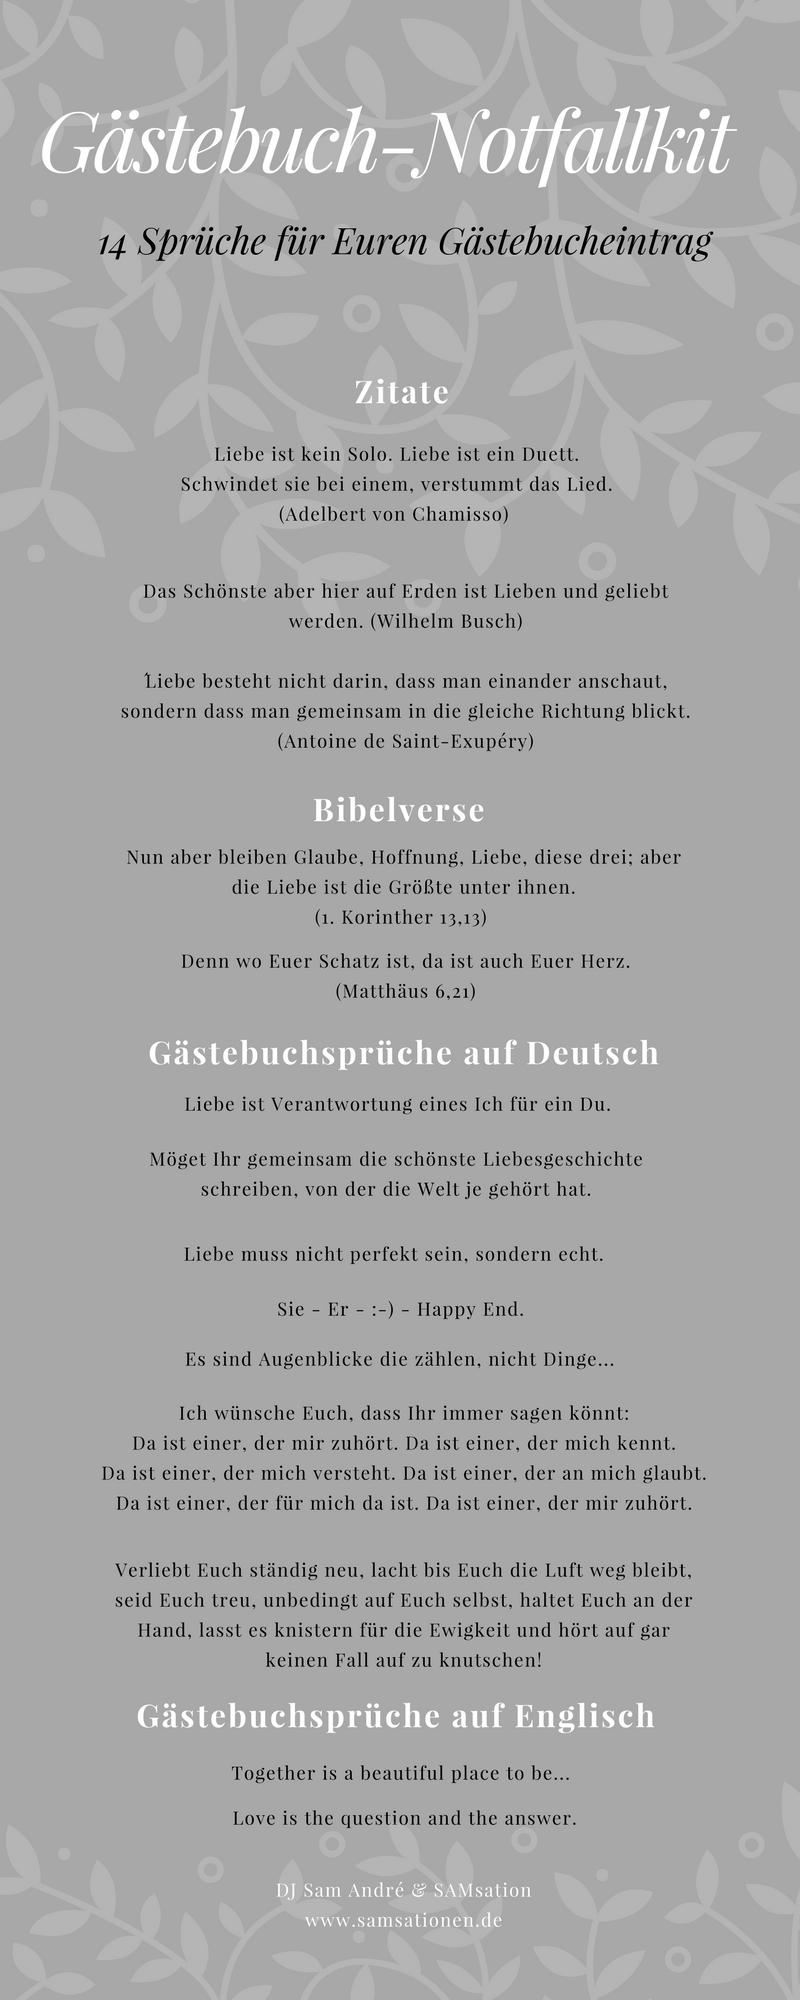 Gästebuch Notfallkit Sprüche Hochzeit Spruch Gästebuch